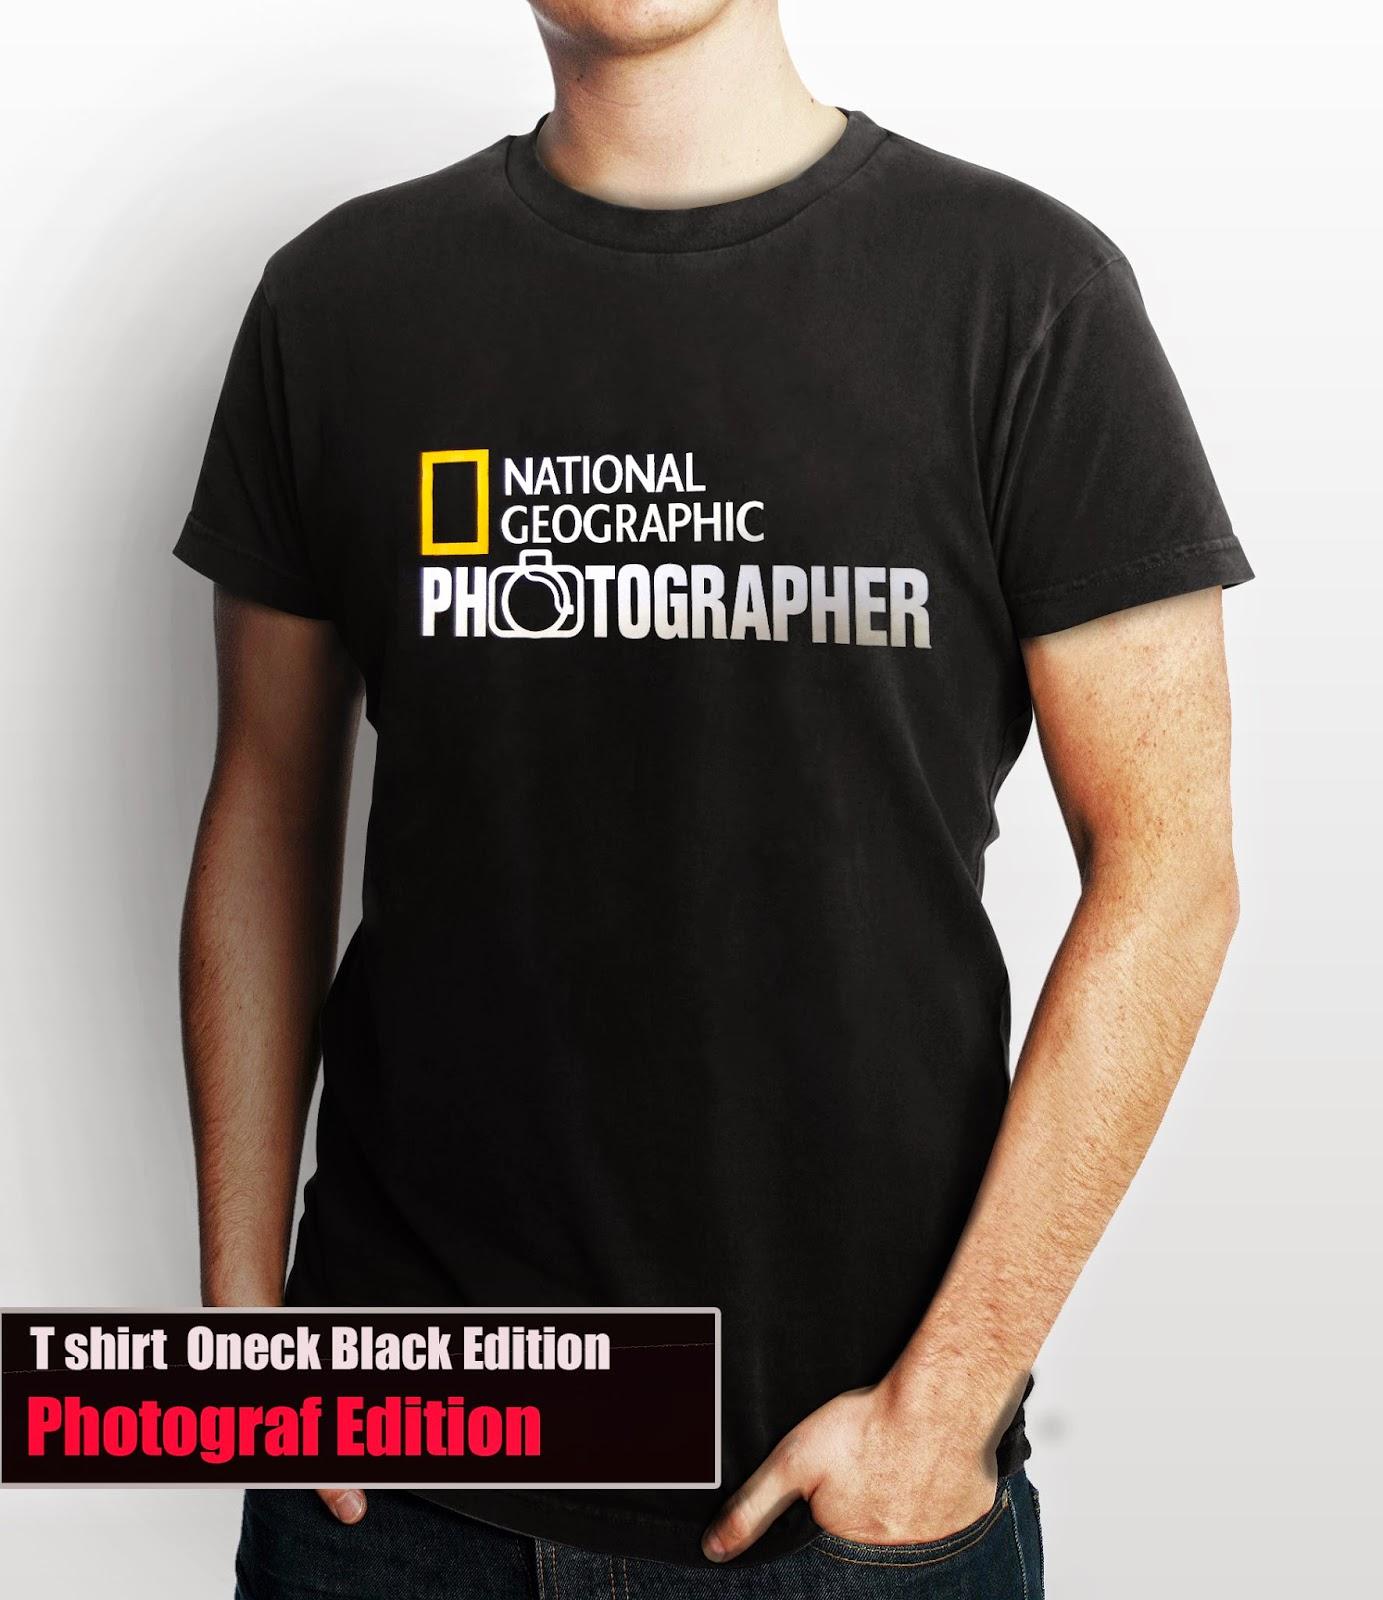 Kaos Natgeo PhotoGrapher Online Shop